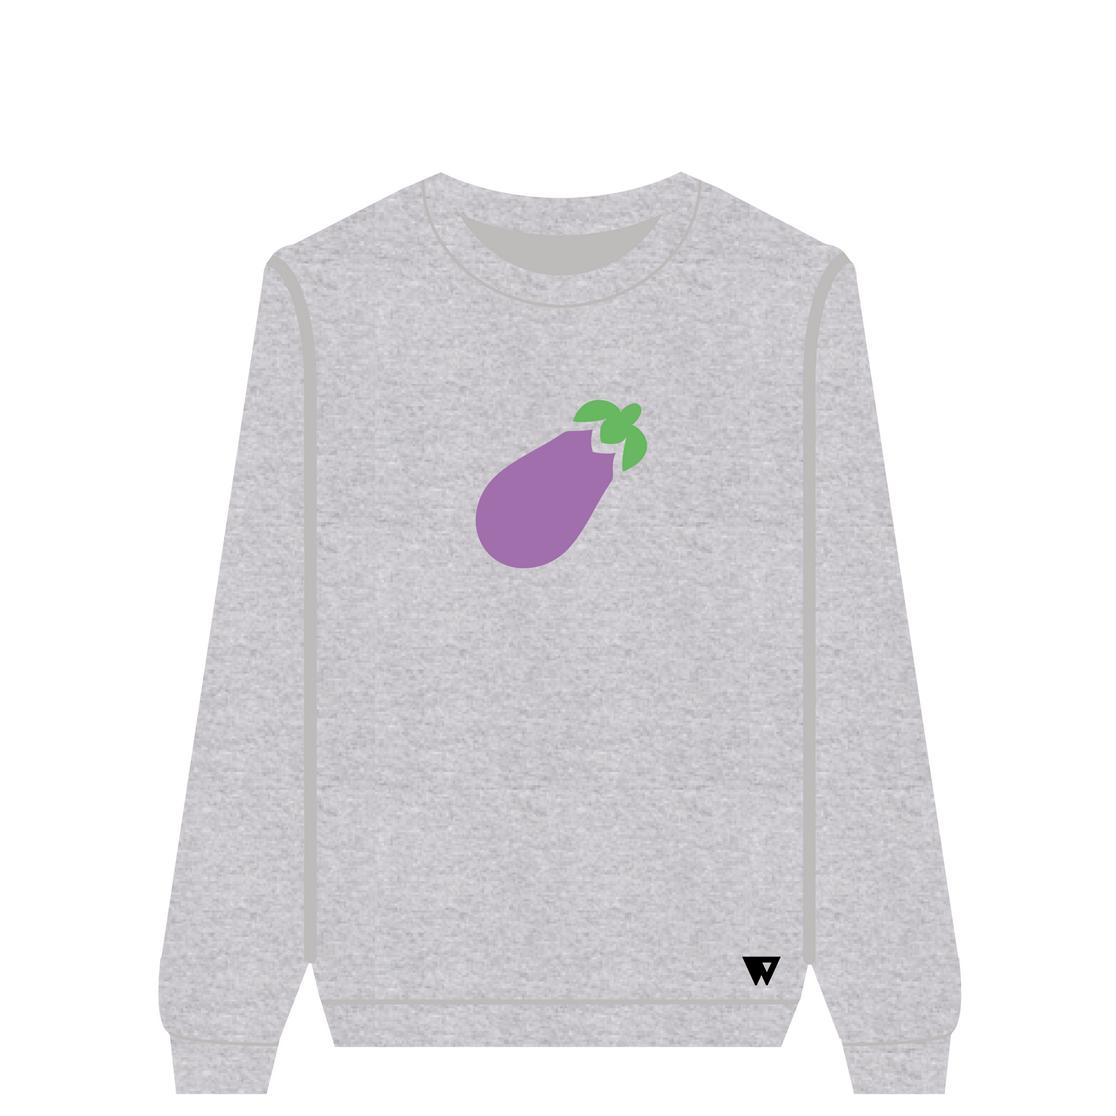 Sweatshirt Eggplant | Wuzzee